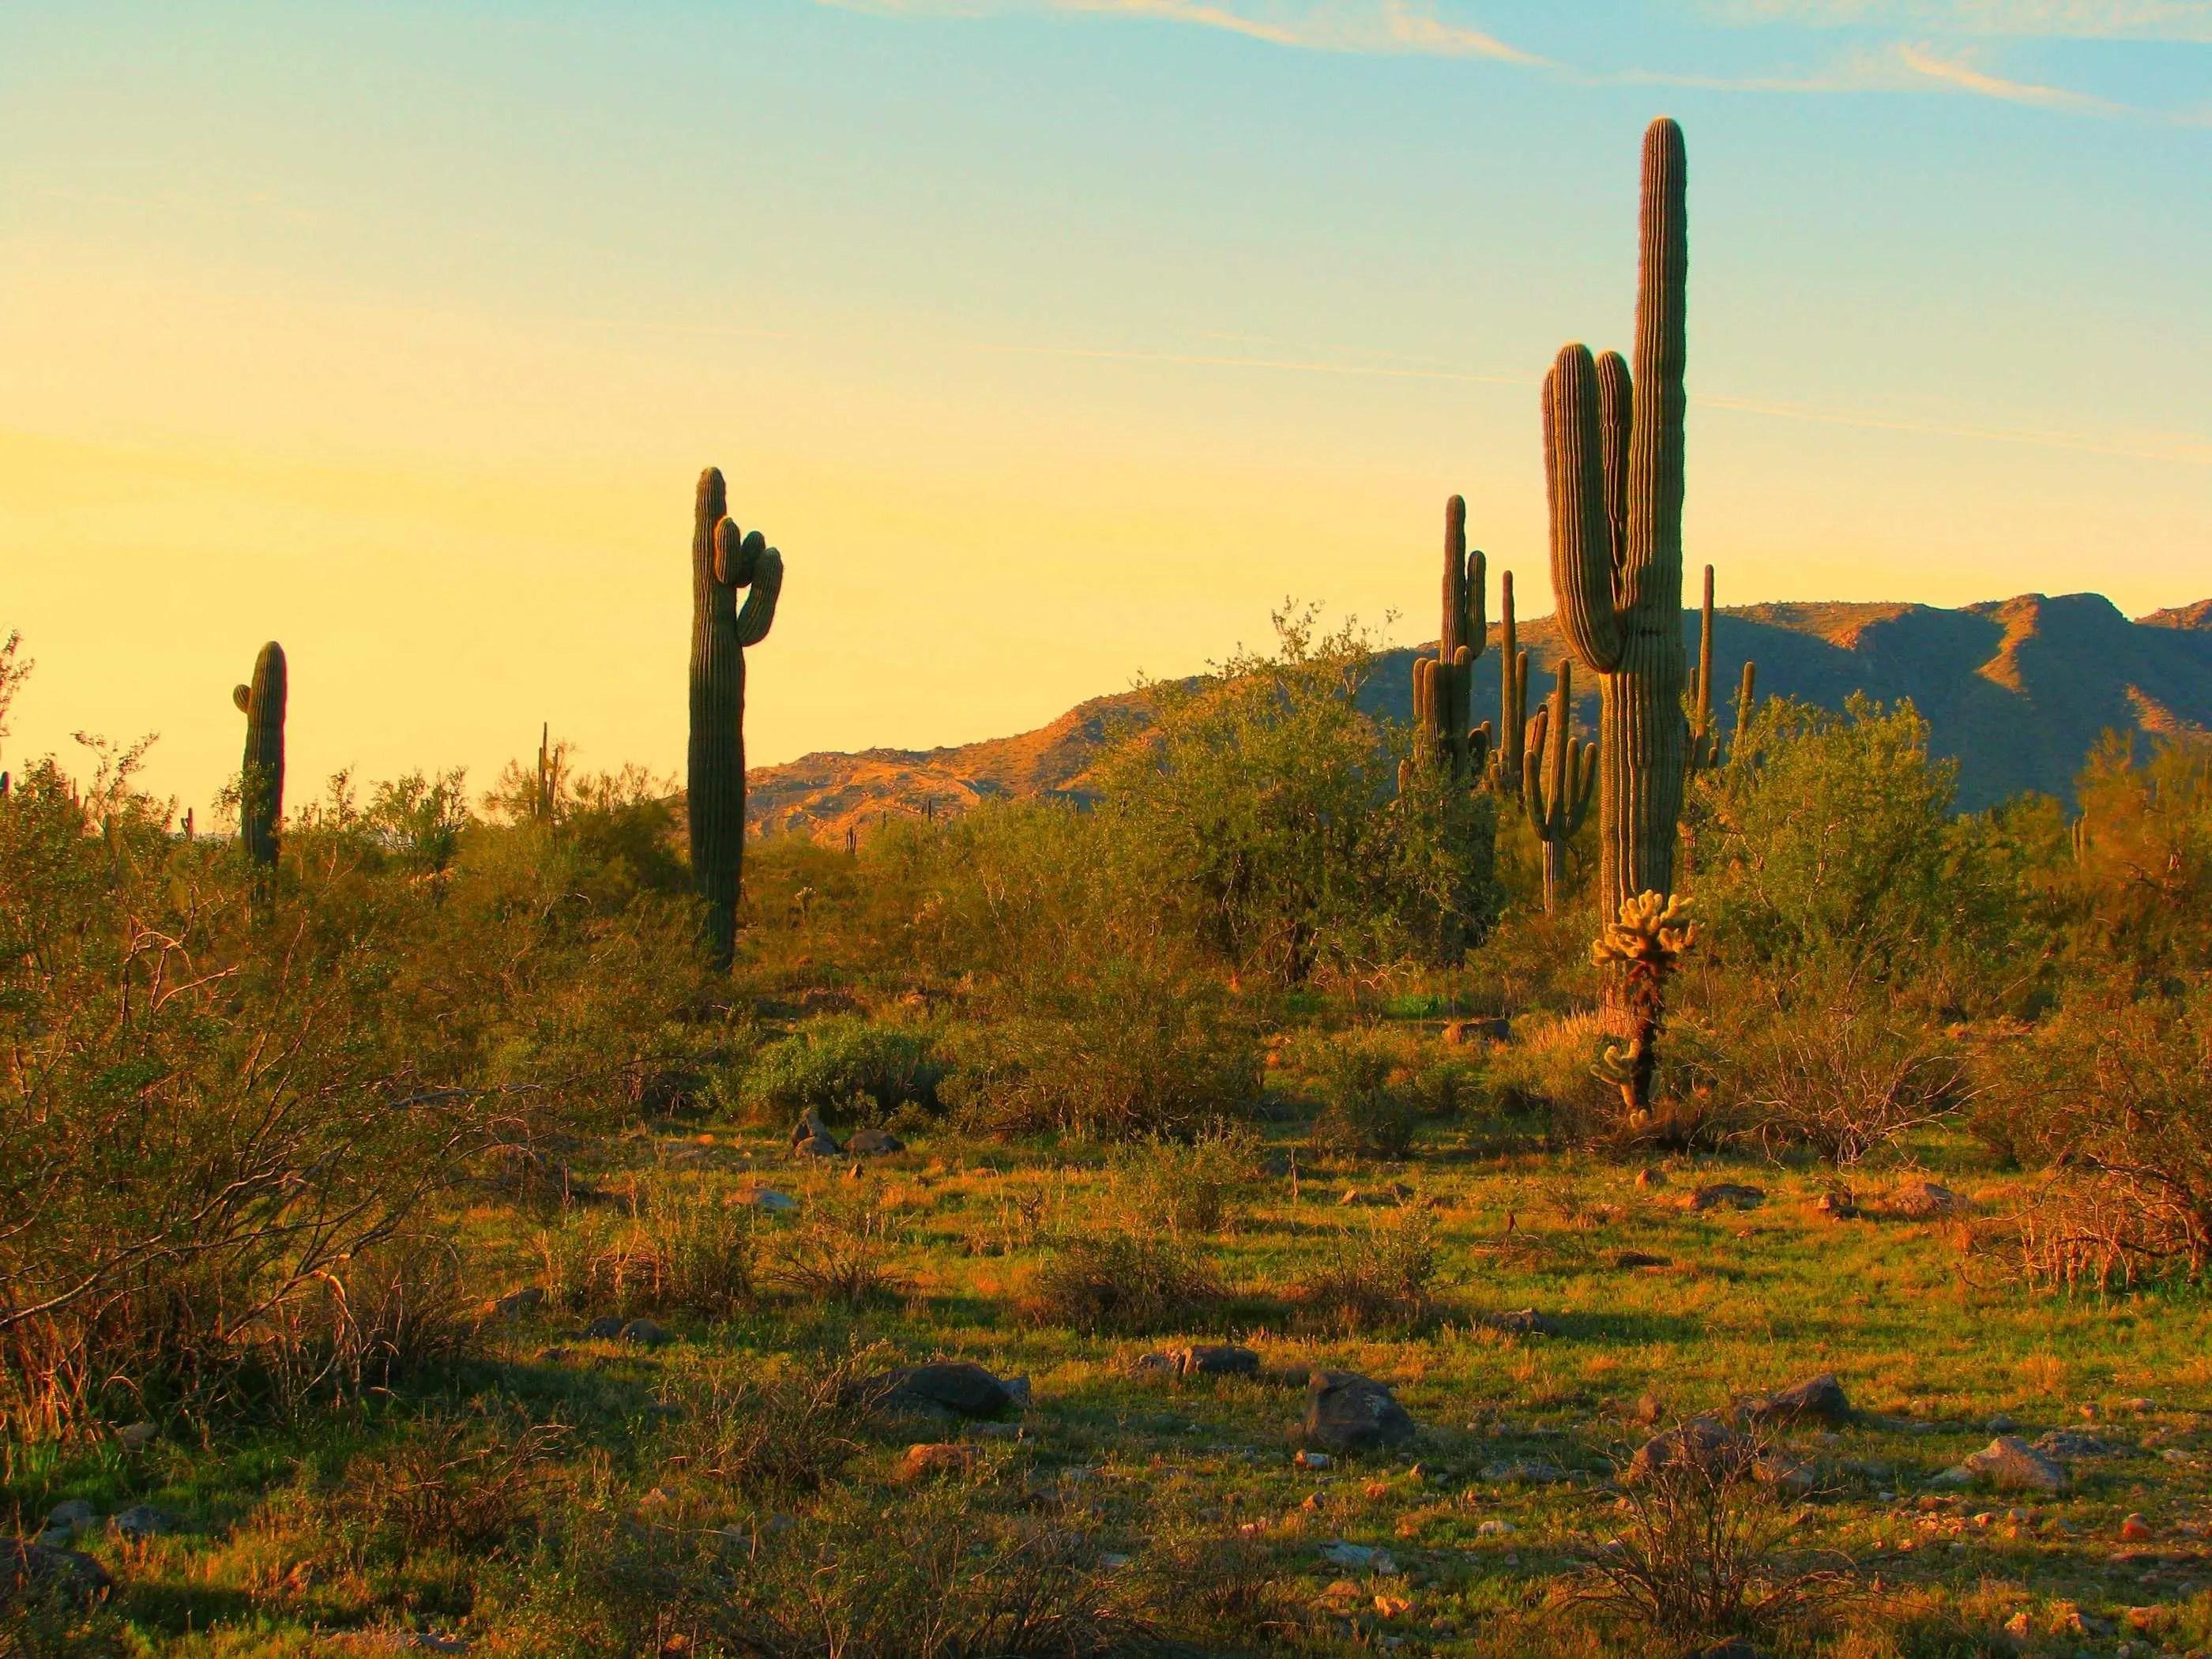 Cactus Saguaro National Park